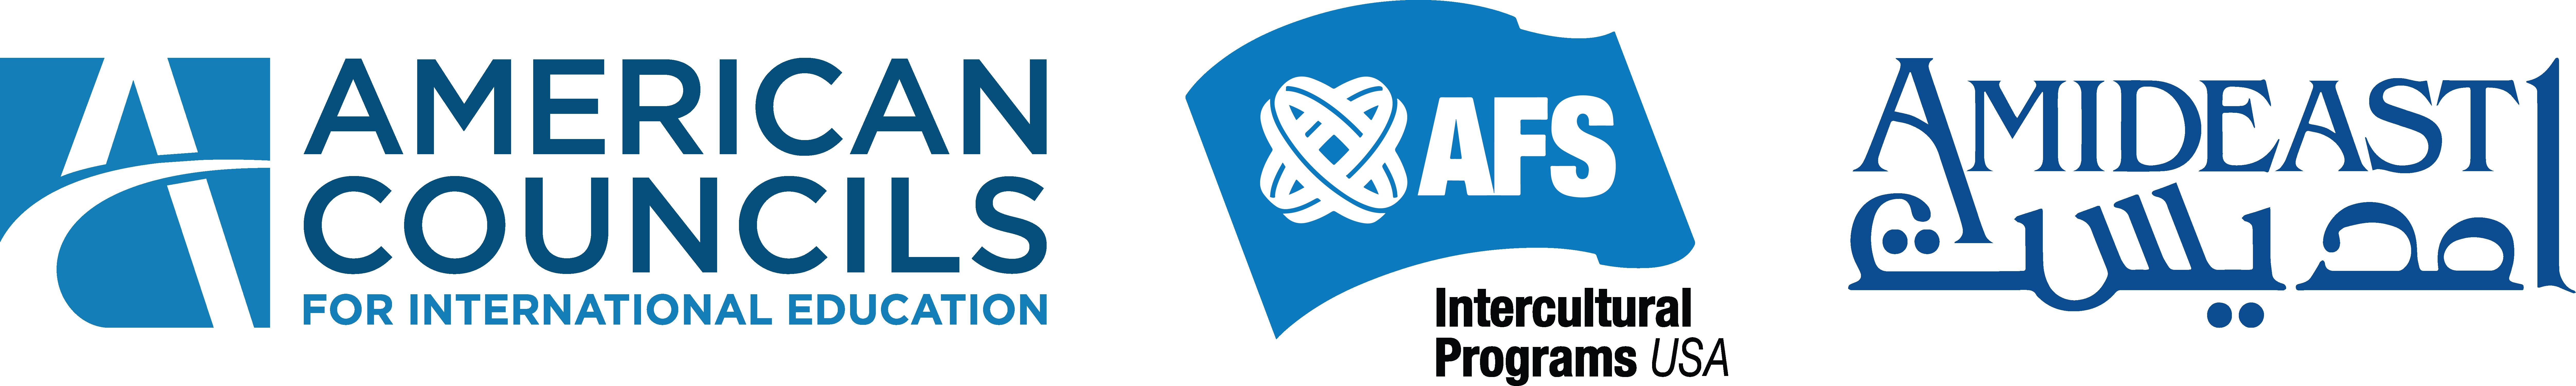 ACIE AFS AMIDEAST Logos